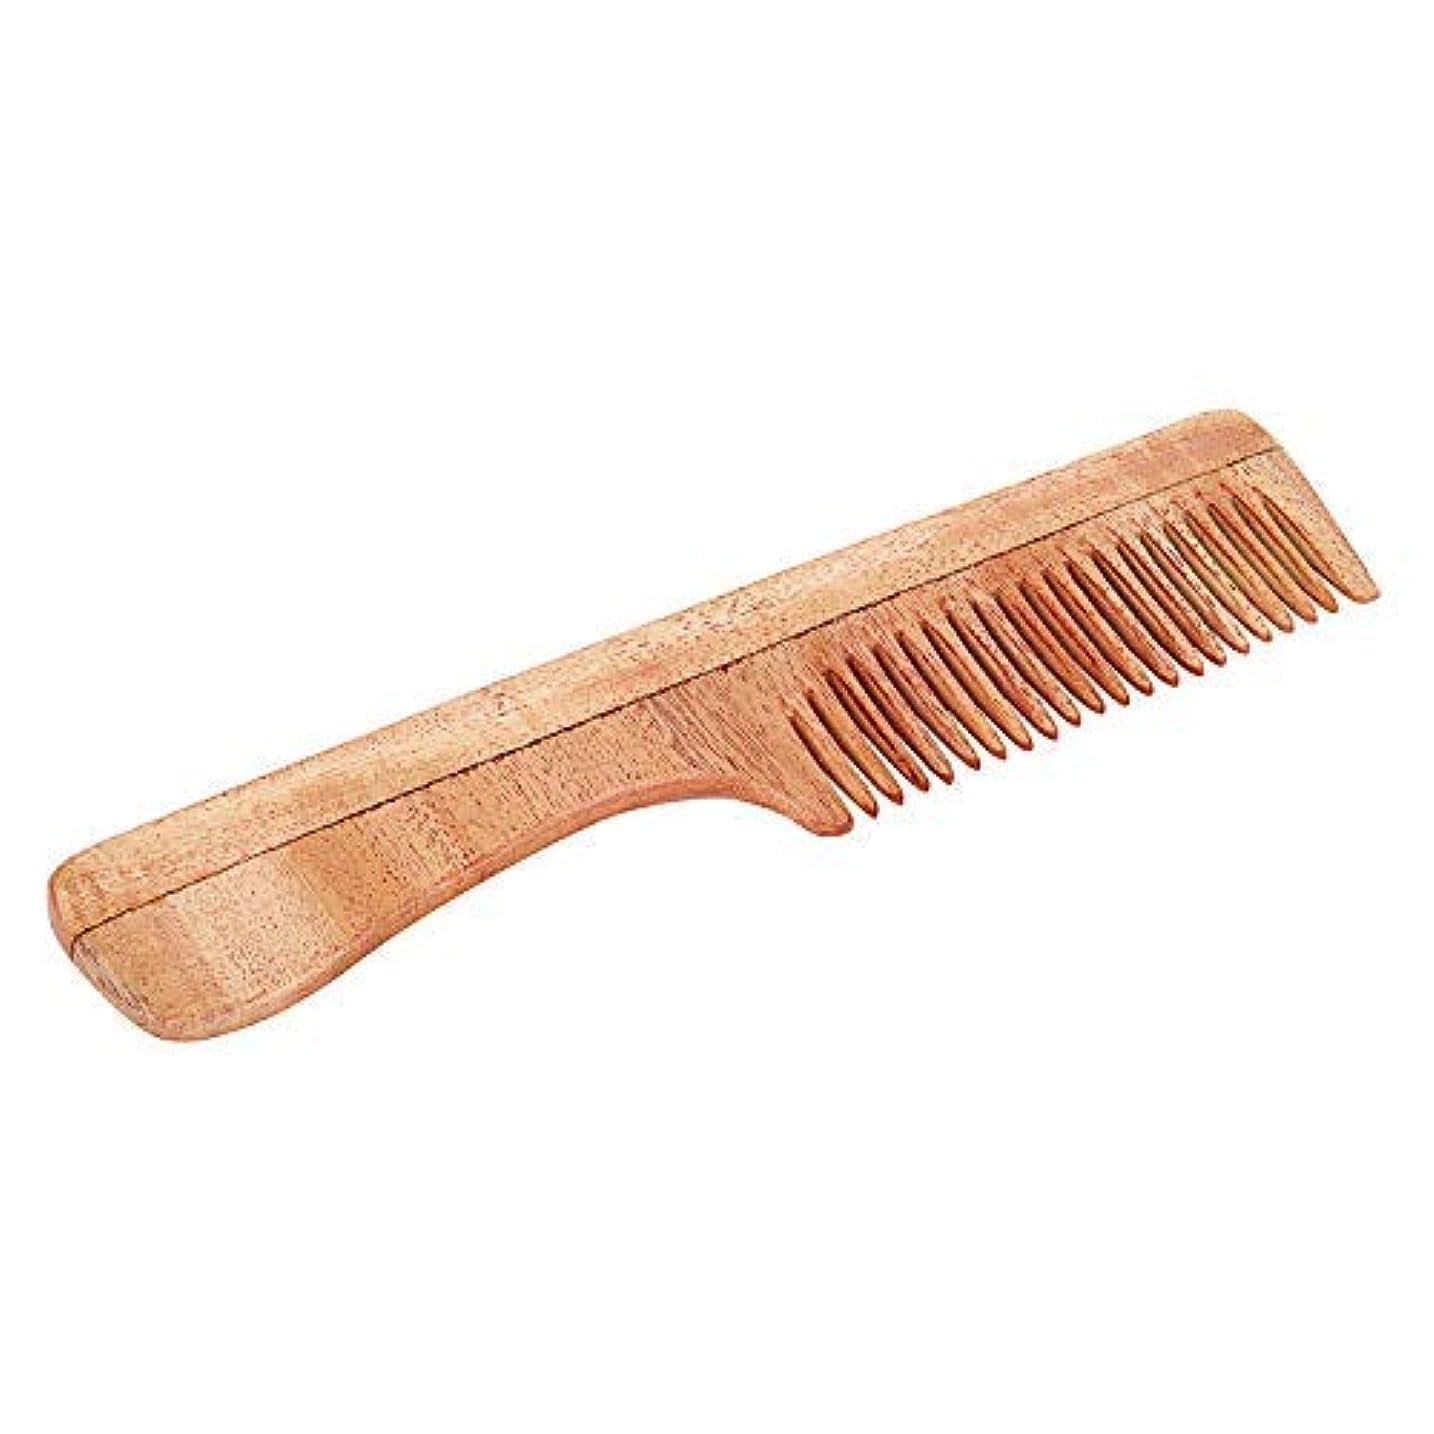 不潔反響する新年SVATV Handcrafted Neem Wood Comb with Handle N-73 (7